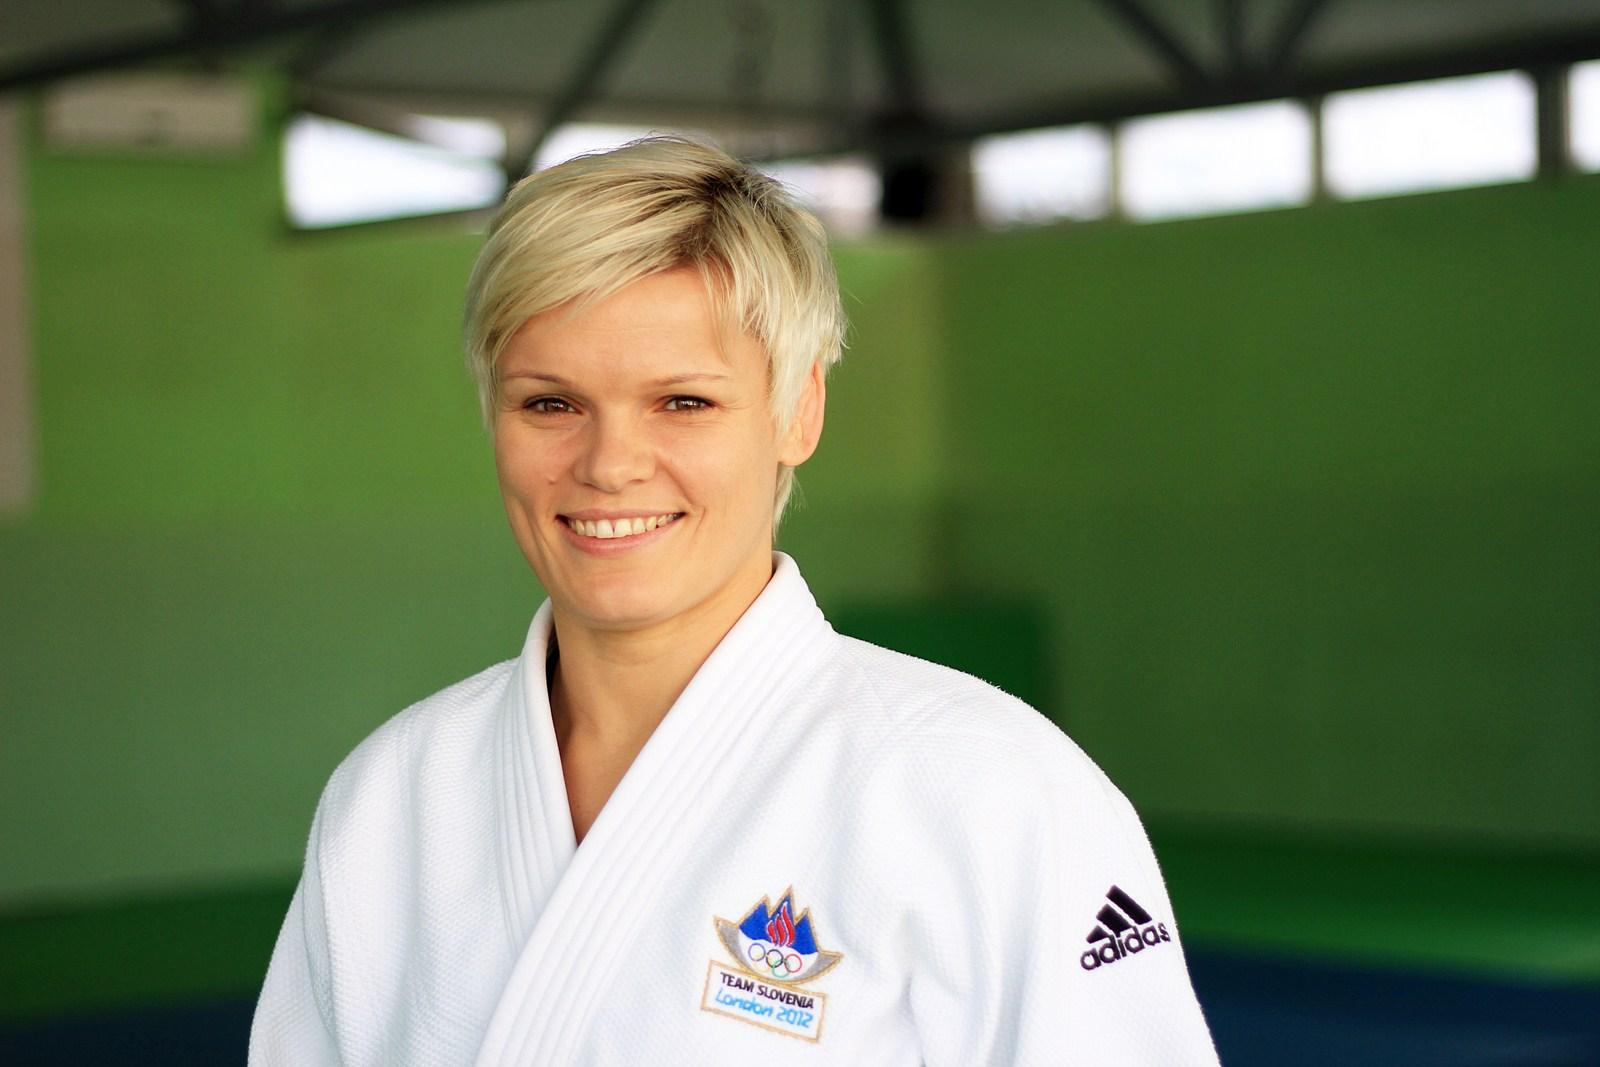 DOBA Fakulteta: Prva Slovenka z zlato olimpijsko kolajno v individualnem športu